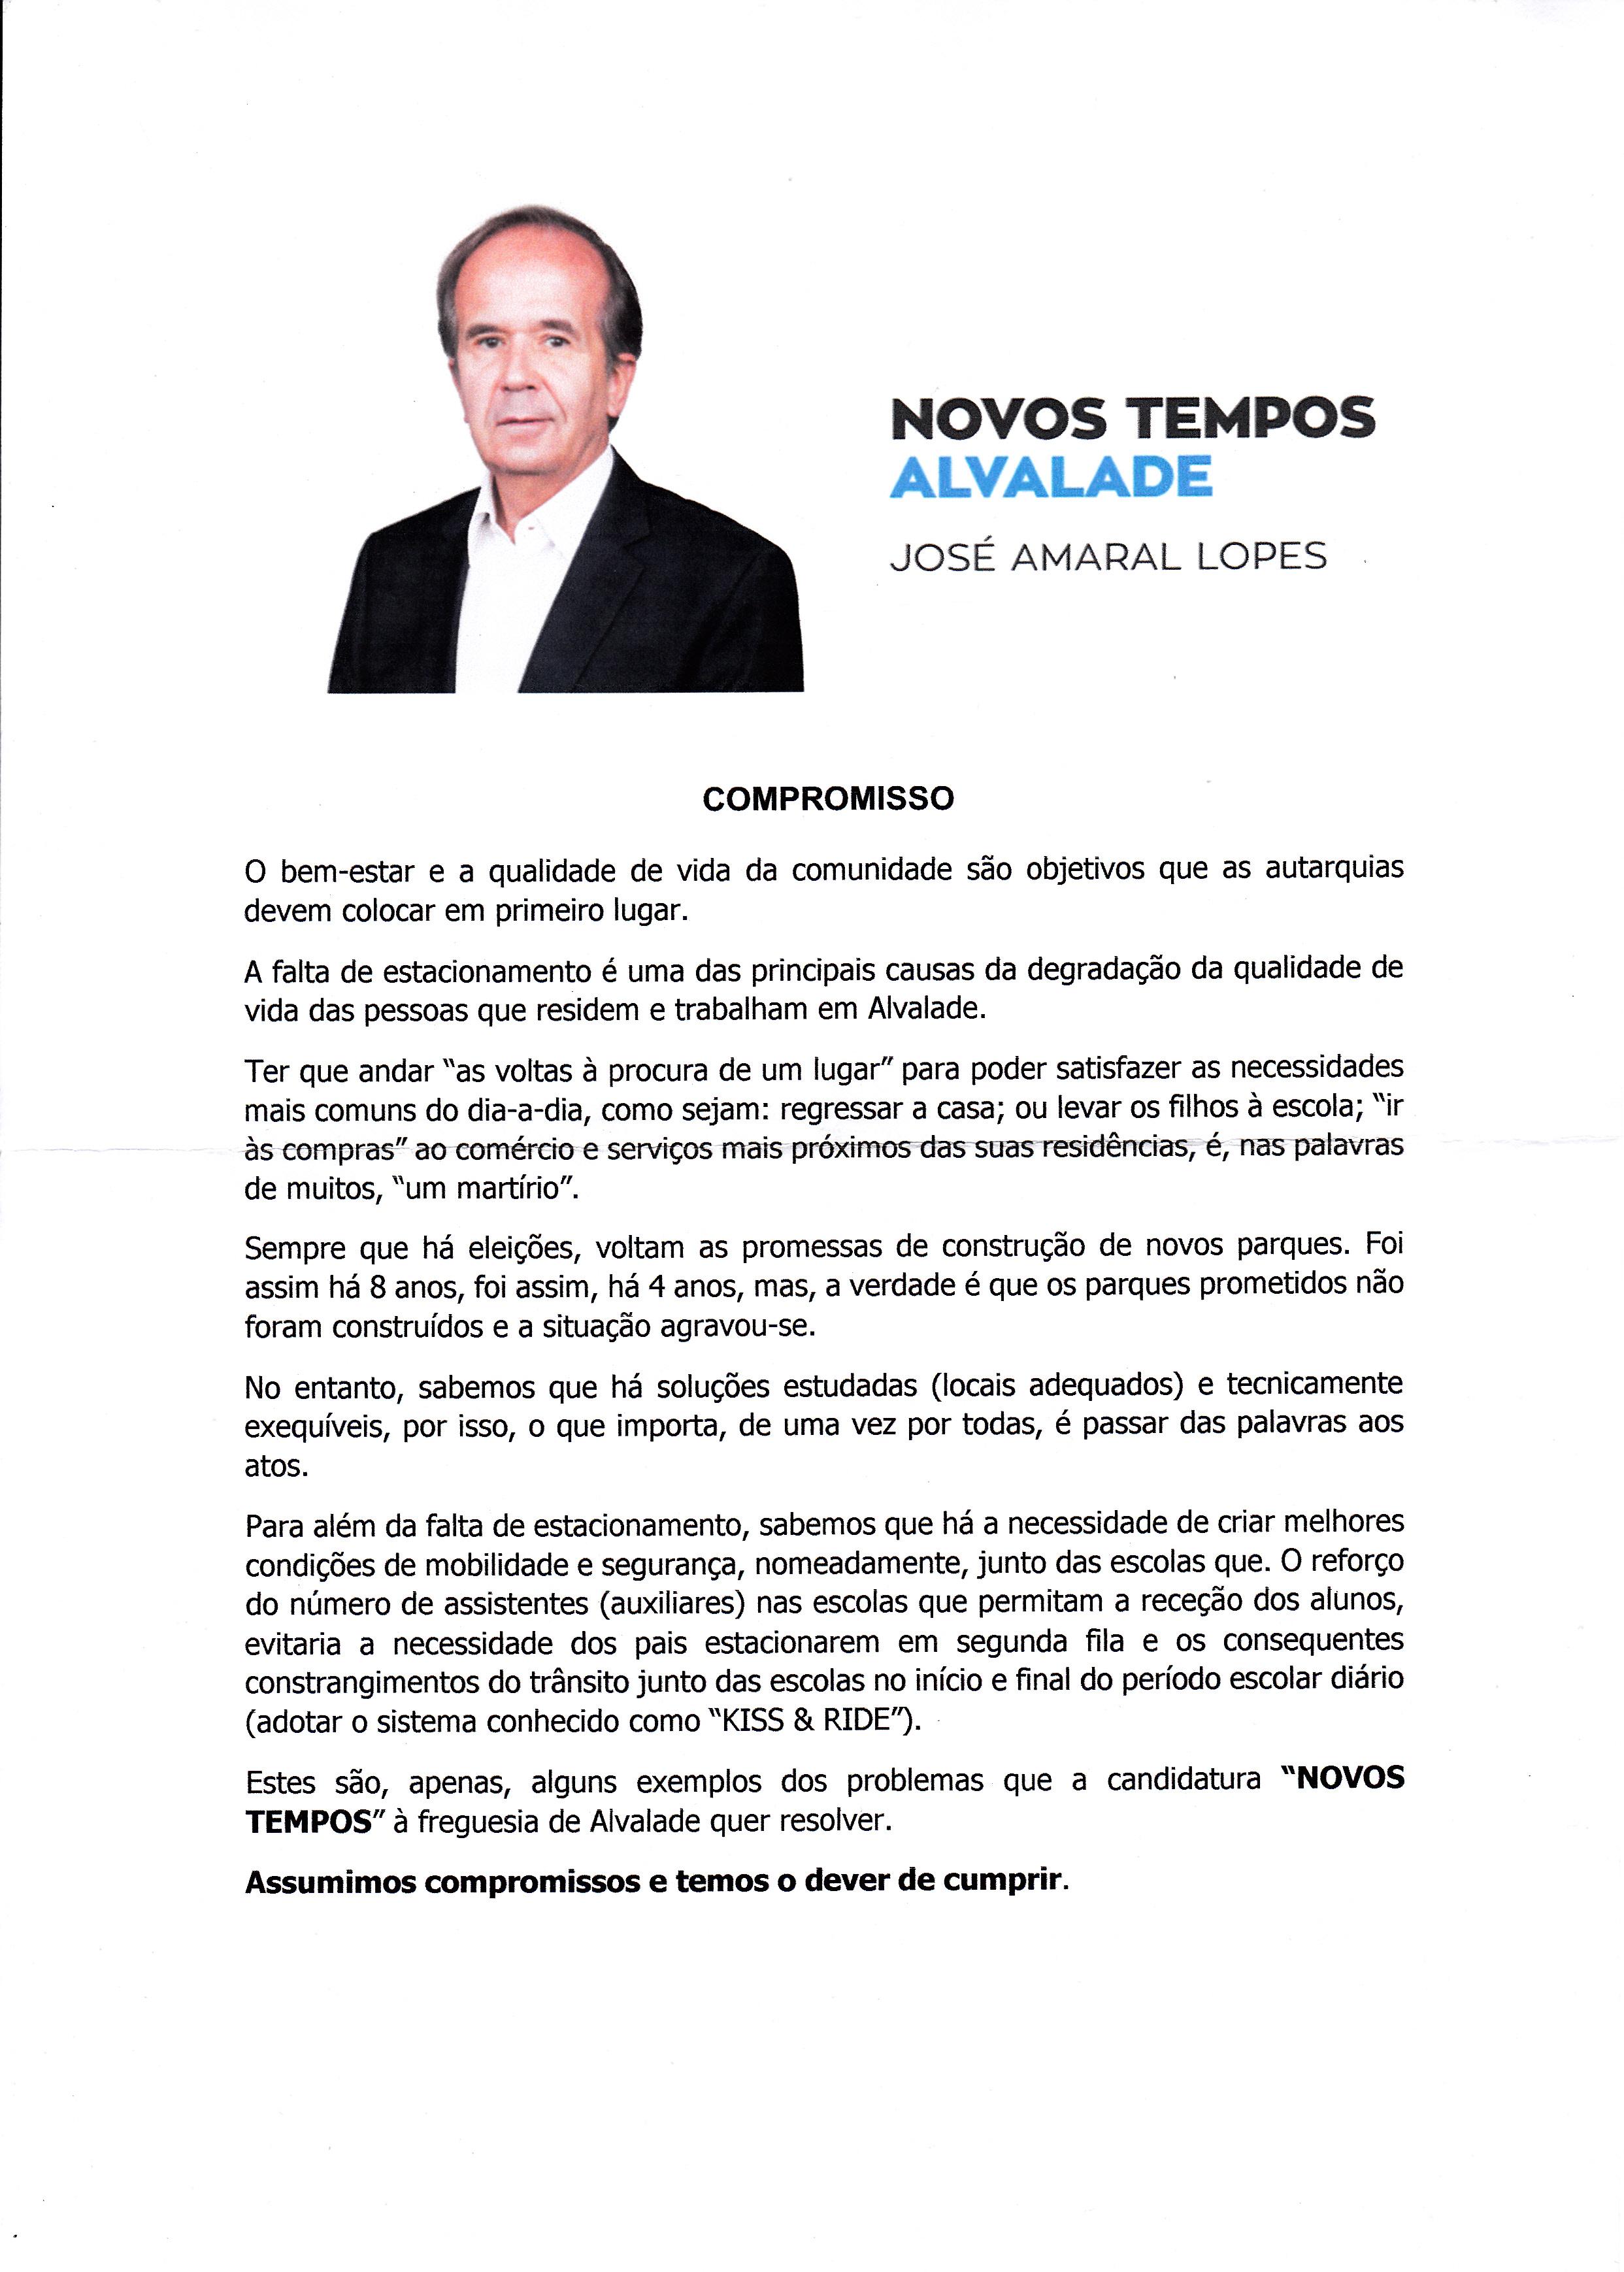 Novos_Tempos_2021_lisboa_alvalade_1